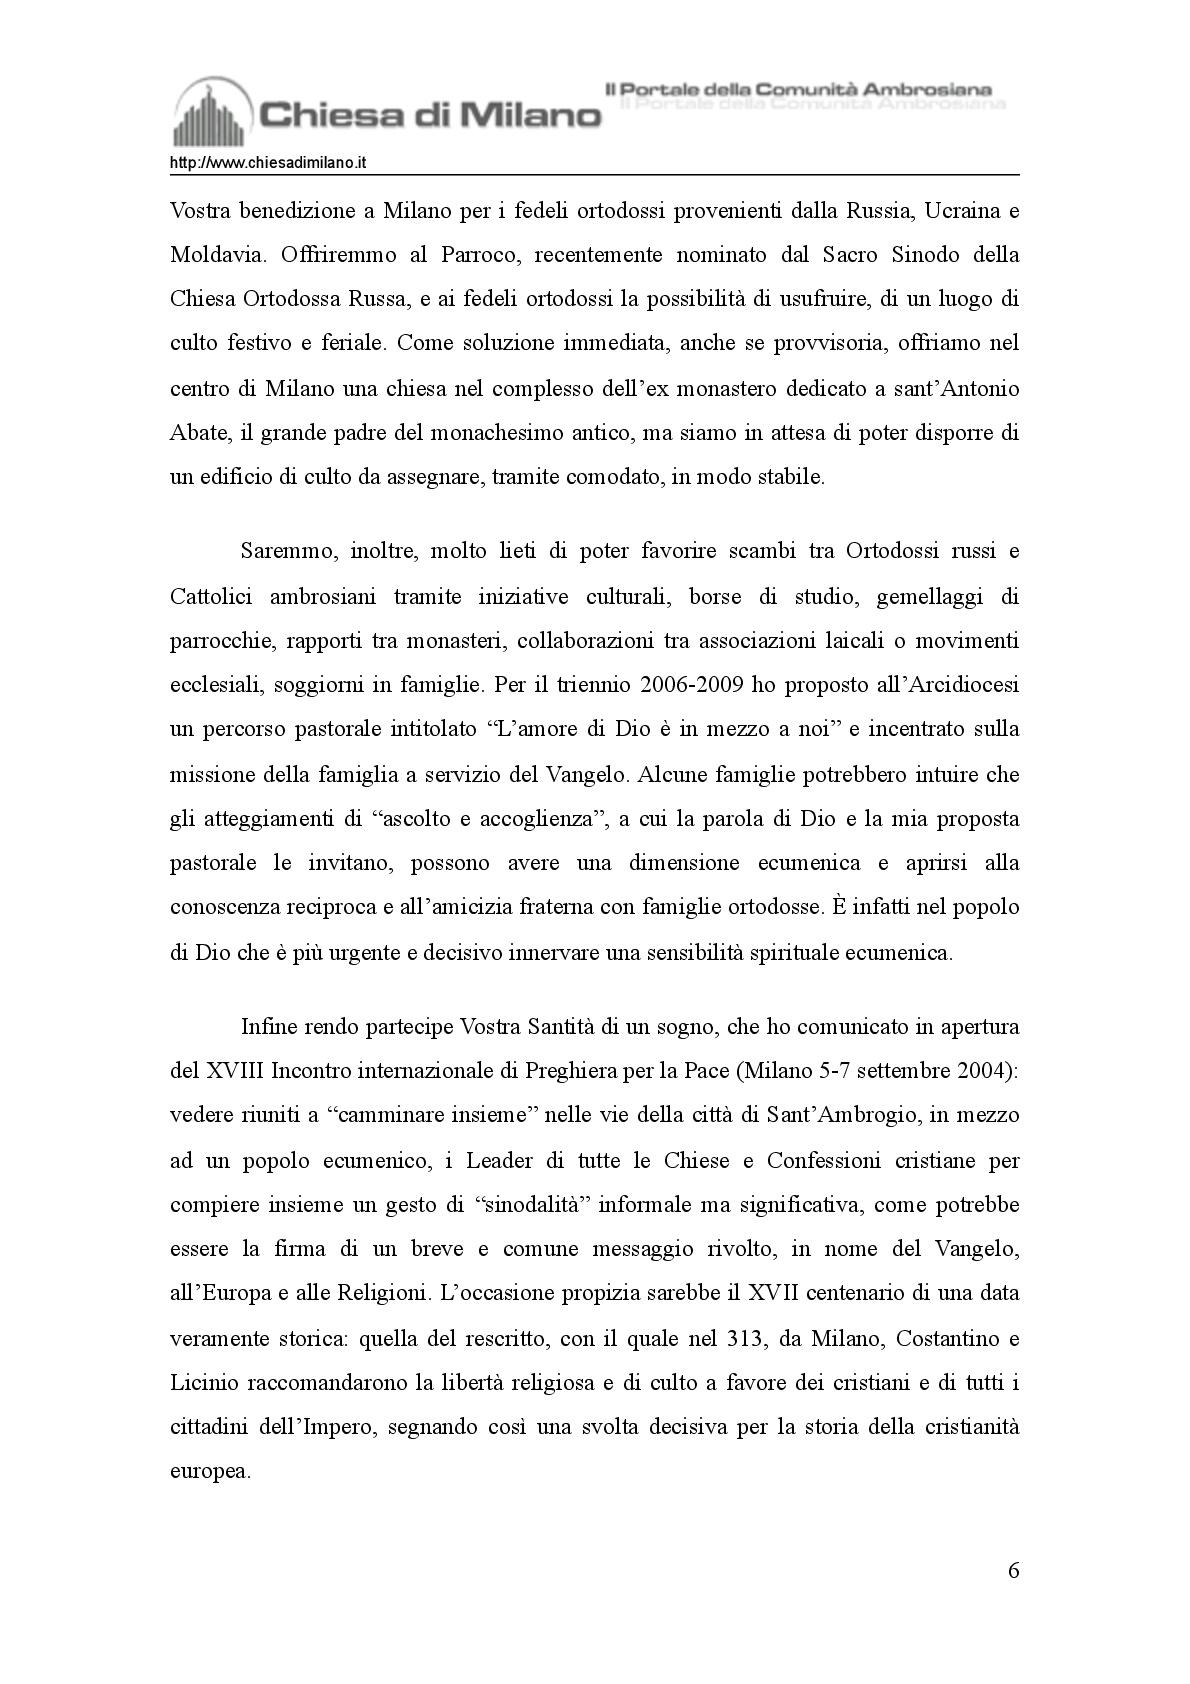 6-discorso-di-Tettamanzi-a-Mosca-006